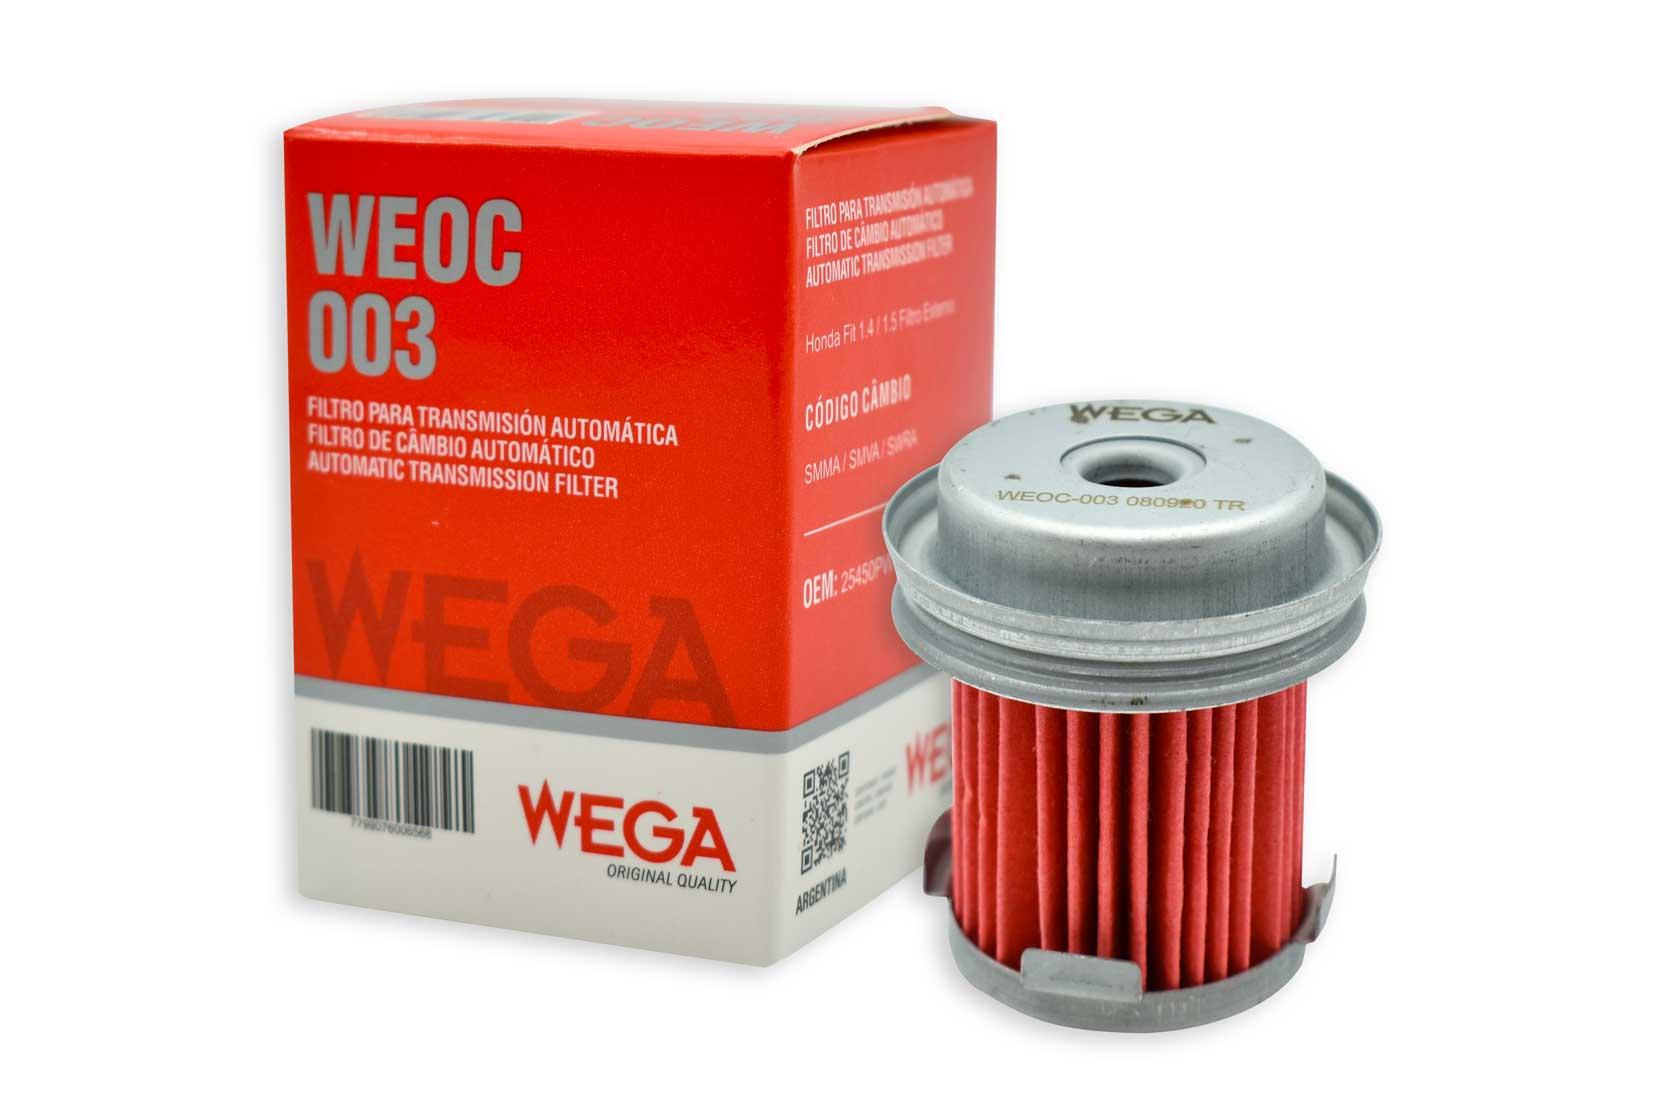 Código: WEOC-003